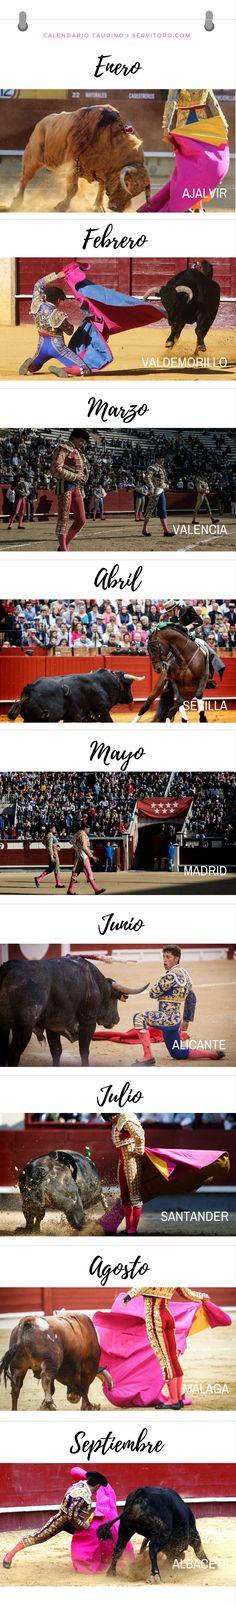 Calendario Taurino, Bullfighting Calendar. Program of bullfighting shows here!